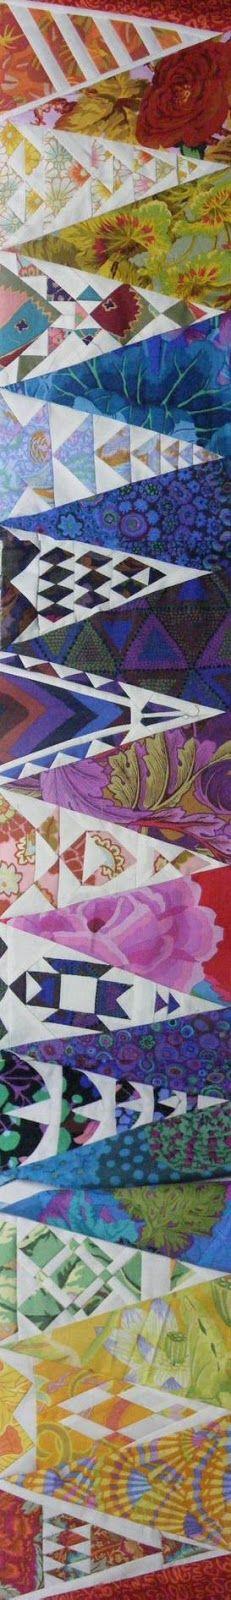 """Quilt border for """"Dear Kaffe"""": a Dear Jane quilt made with Kaffe Fassett Fabrics. 100 rozen quilt shop, Amsterdam, Netherlands"""